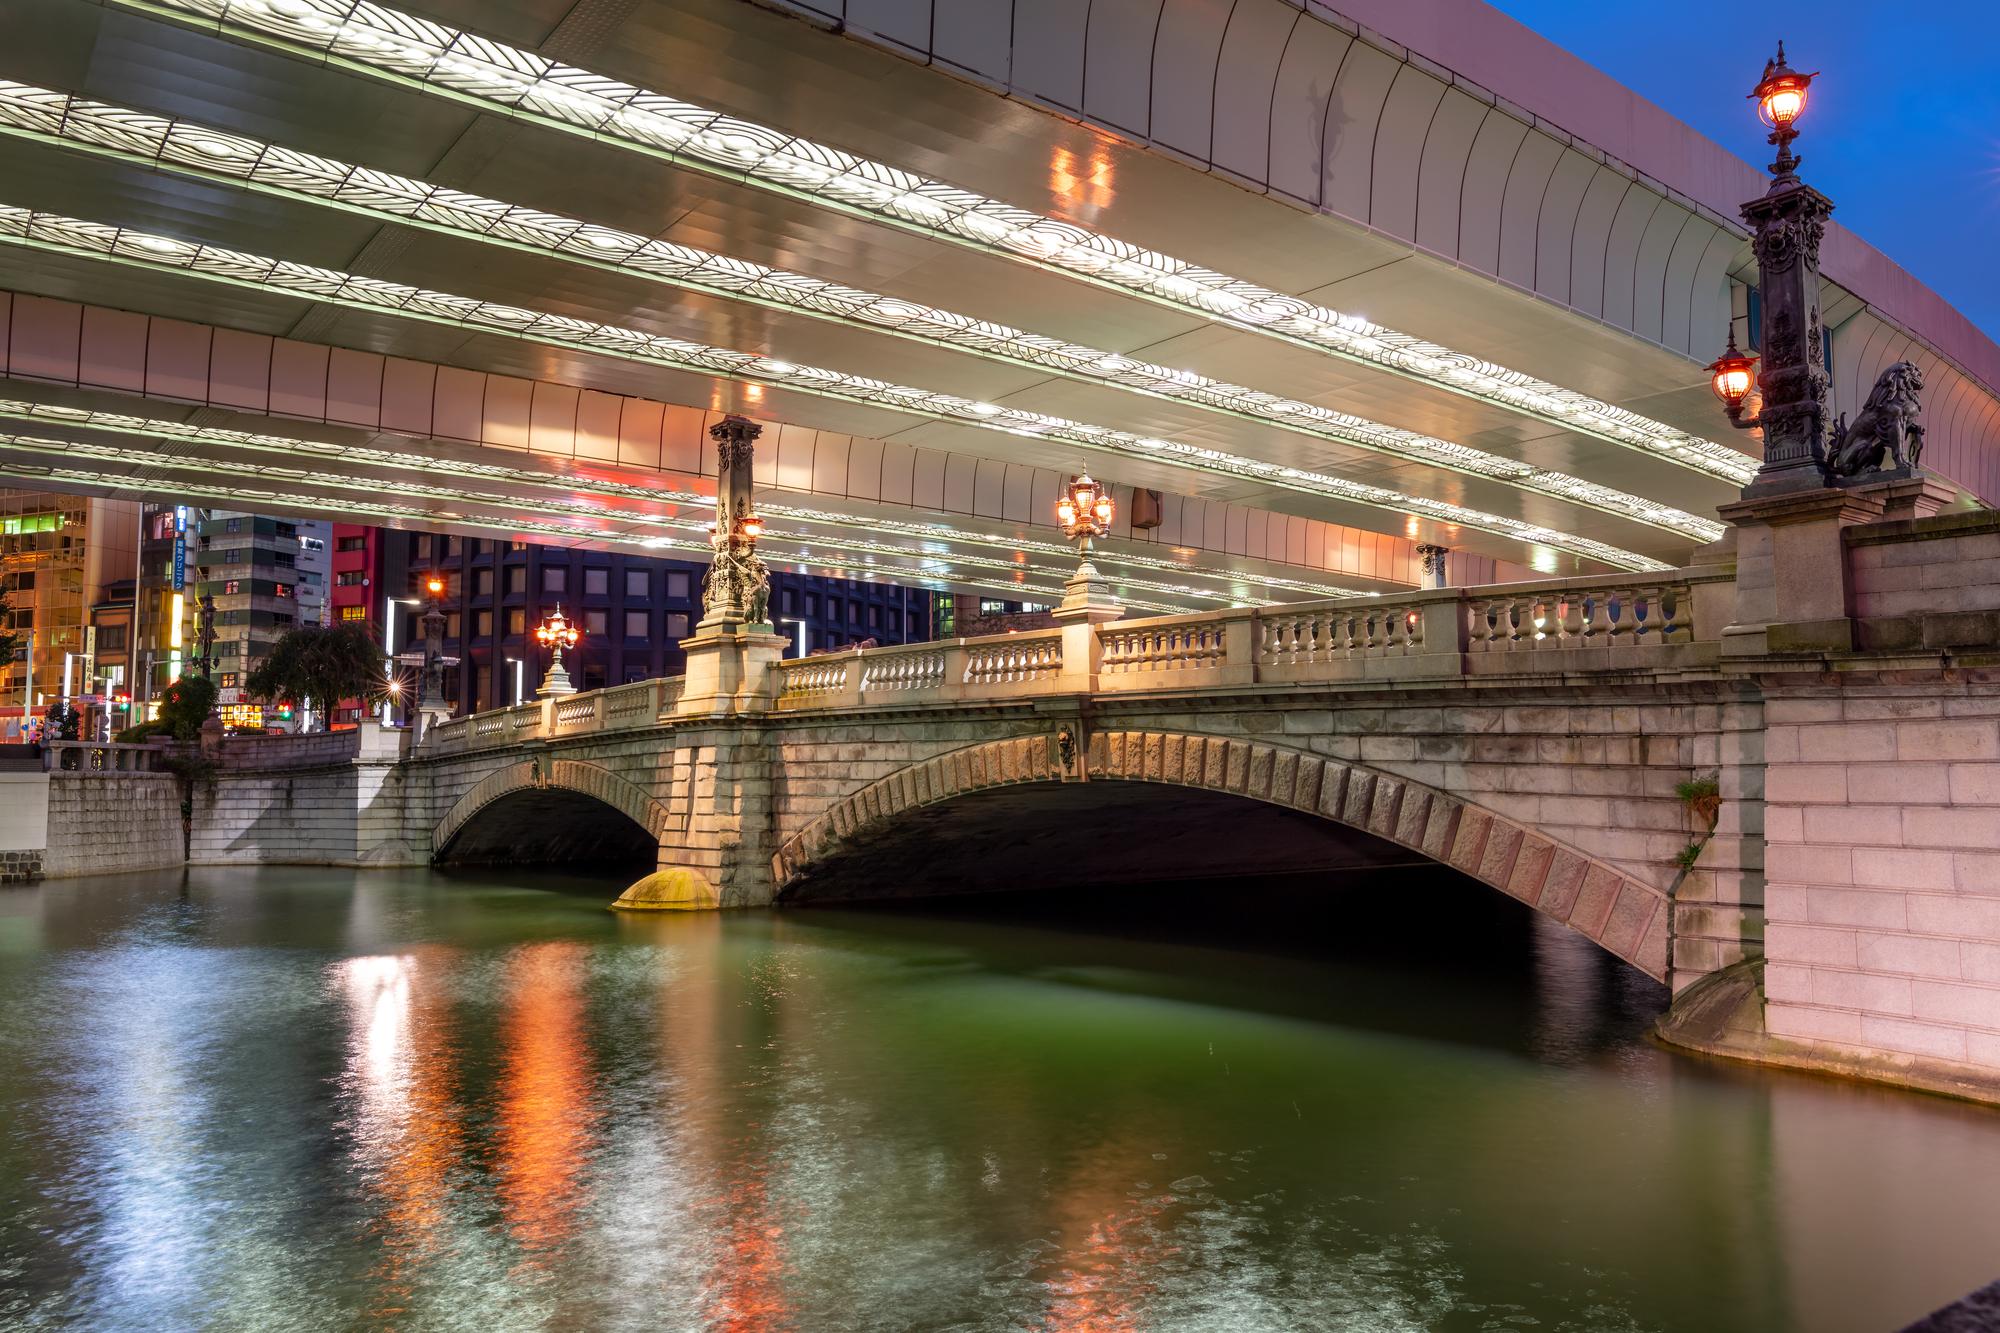 日本橋の景観